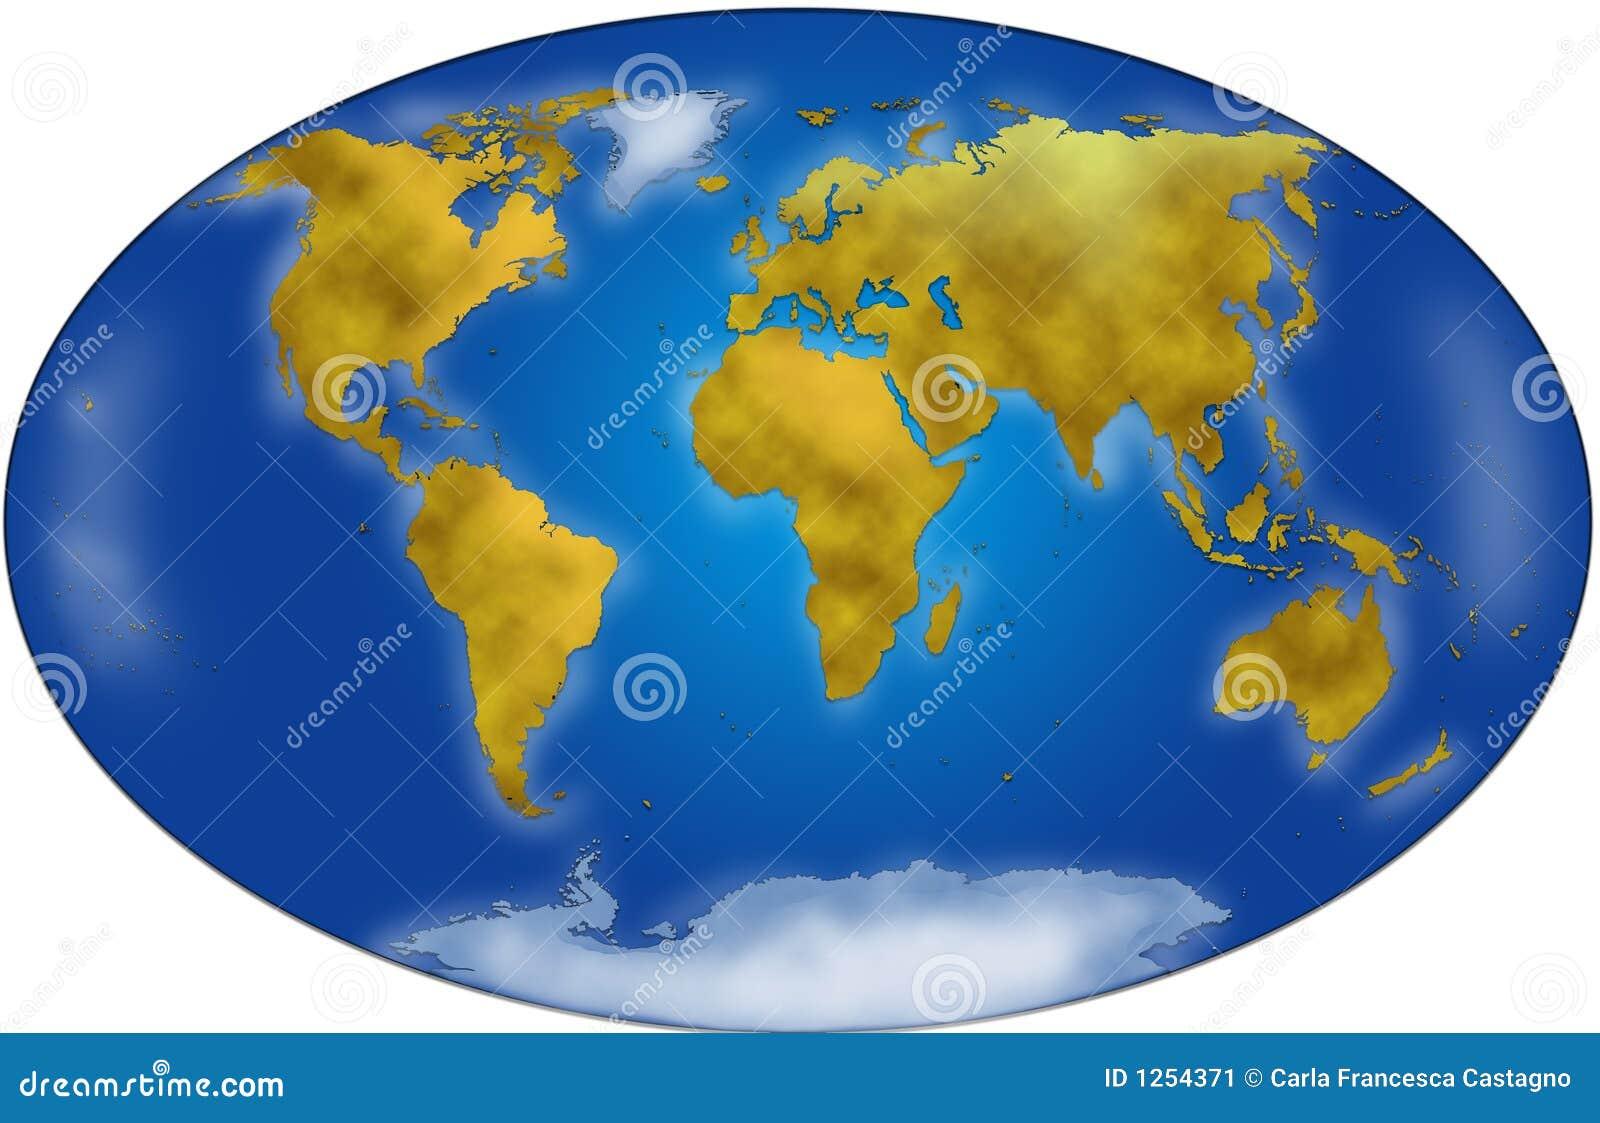 Imagen de archivo: Planisferio de la correspondencia de mundo